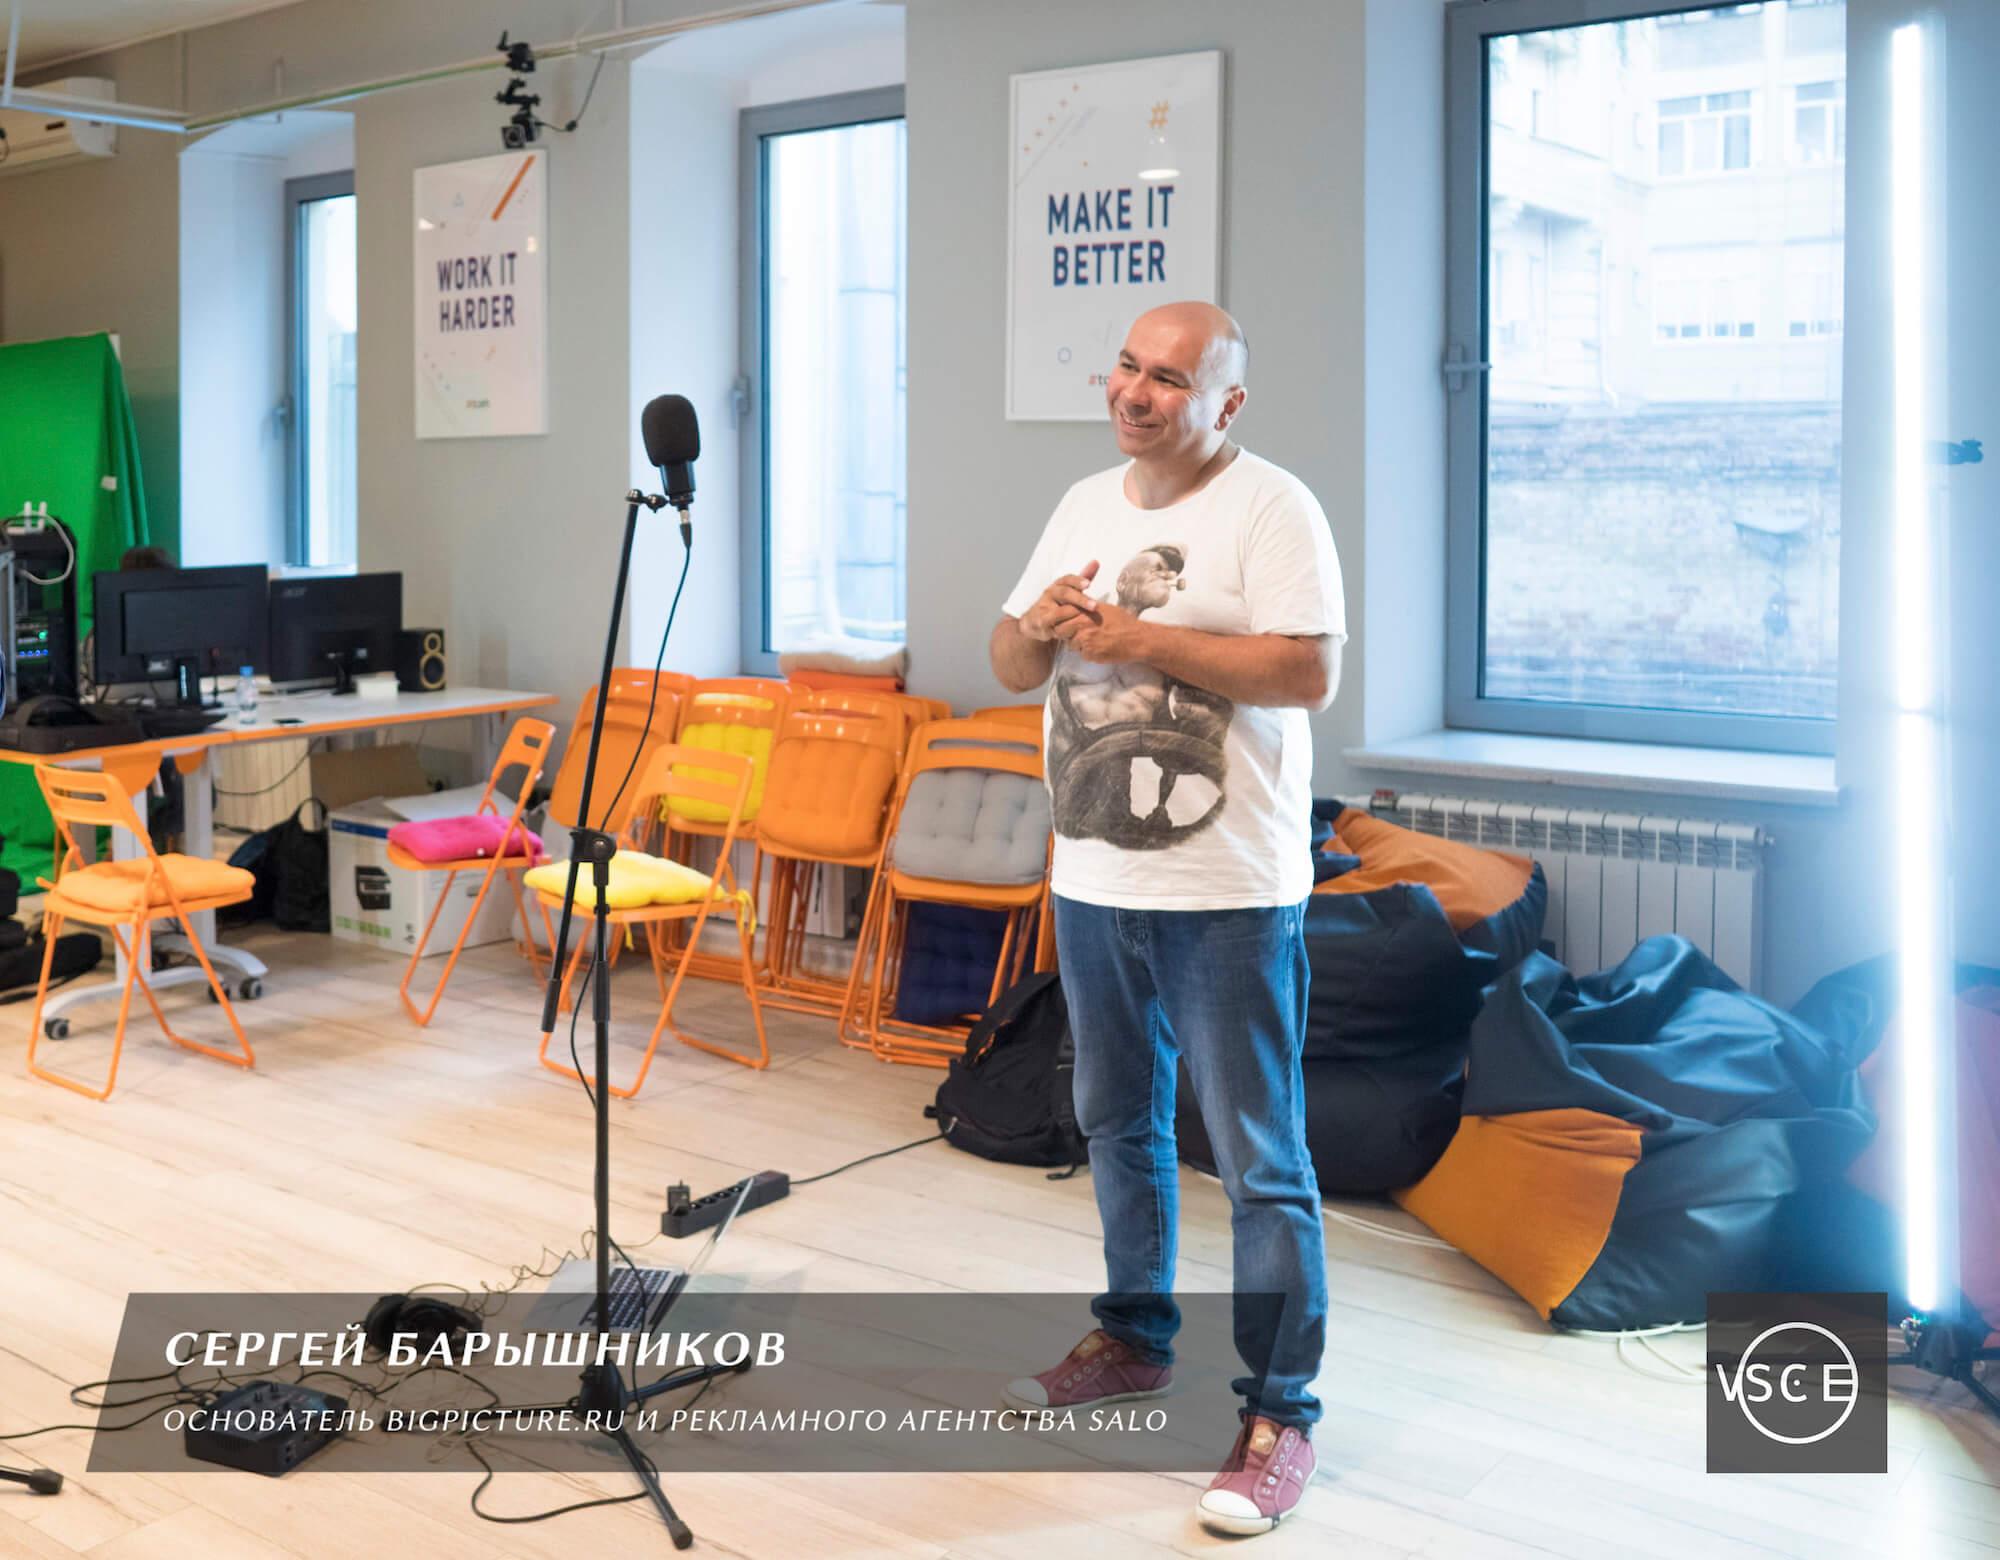 «VSCE»: новый подкаст про ИТ-предпринимателей